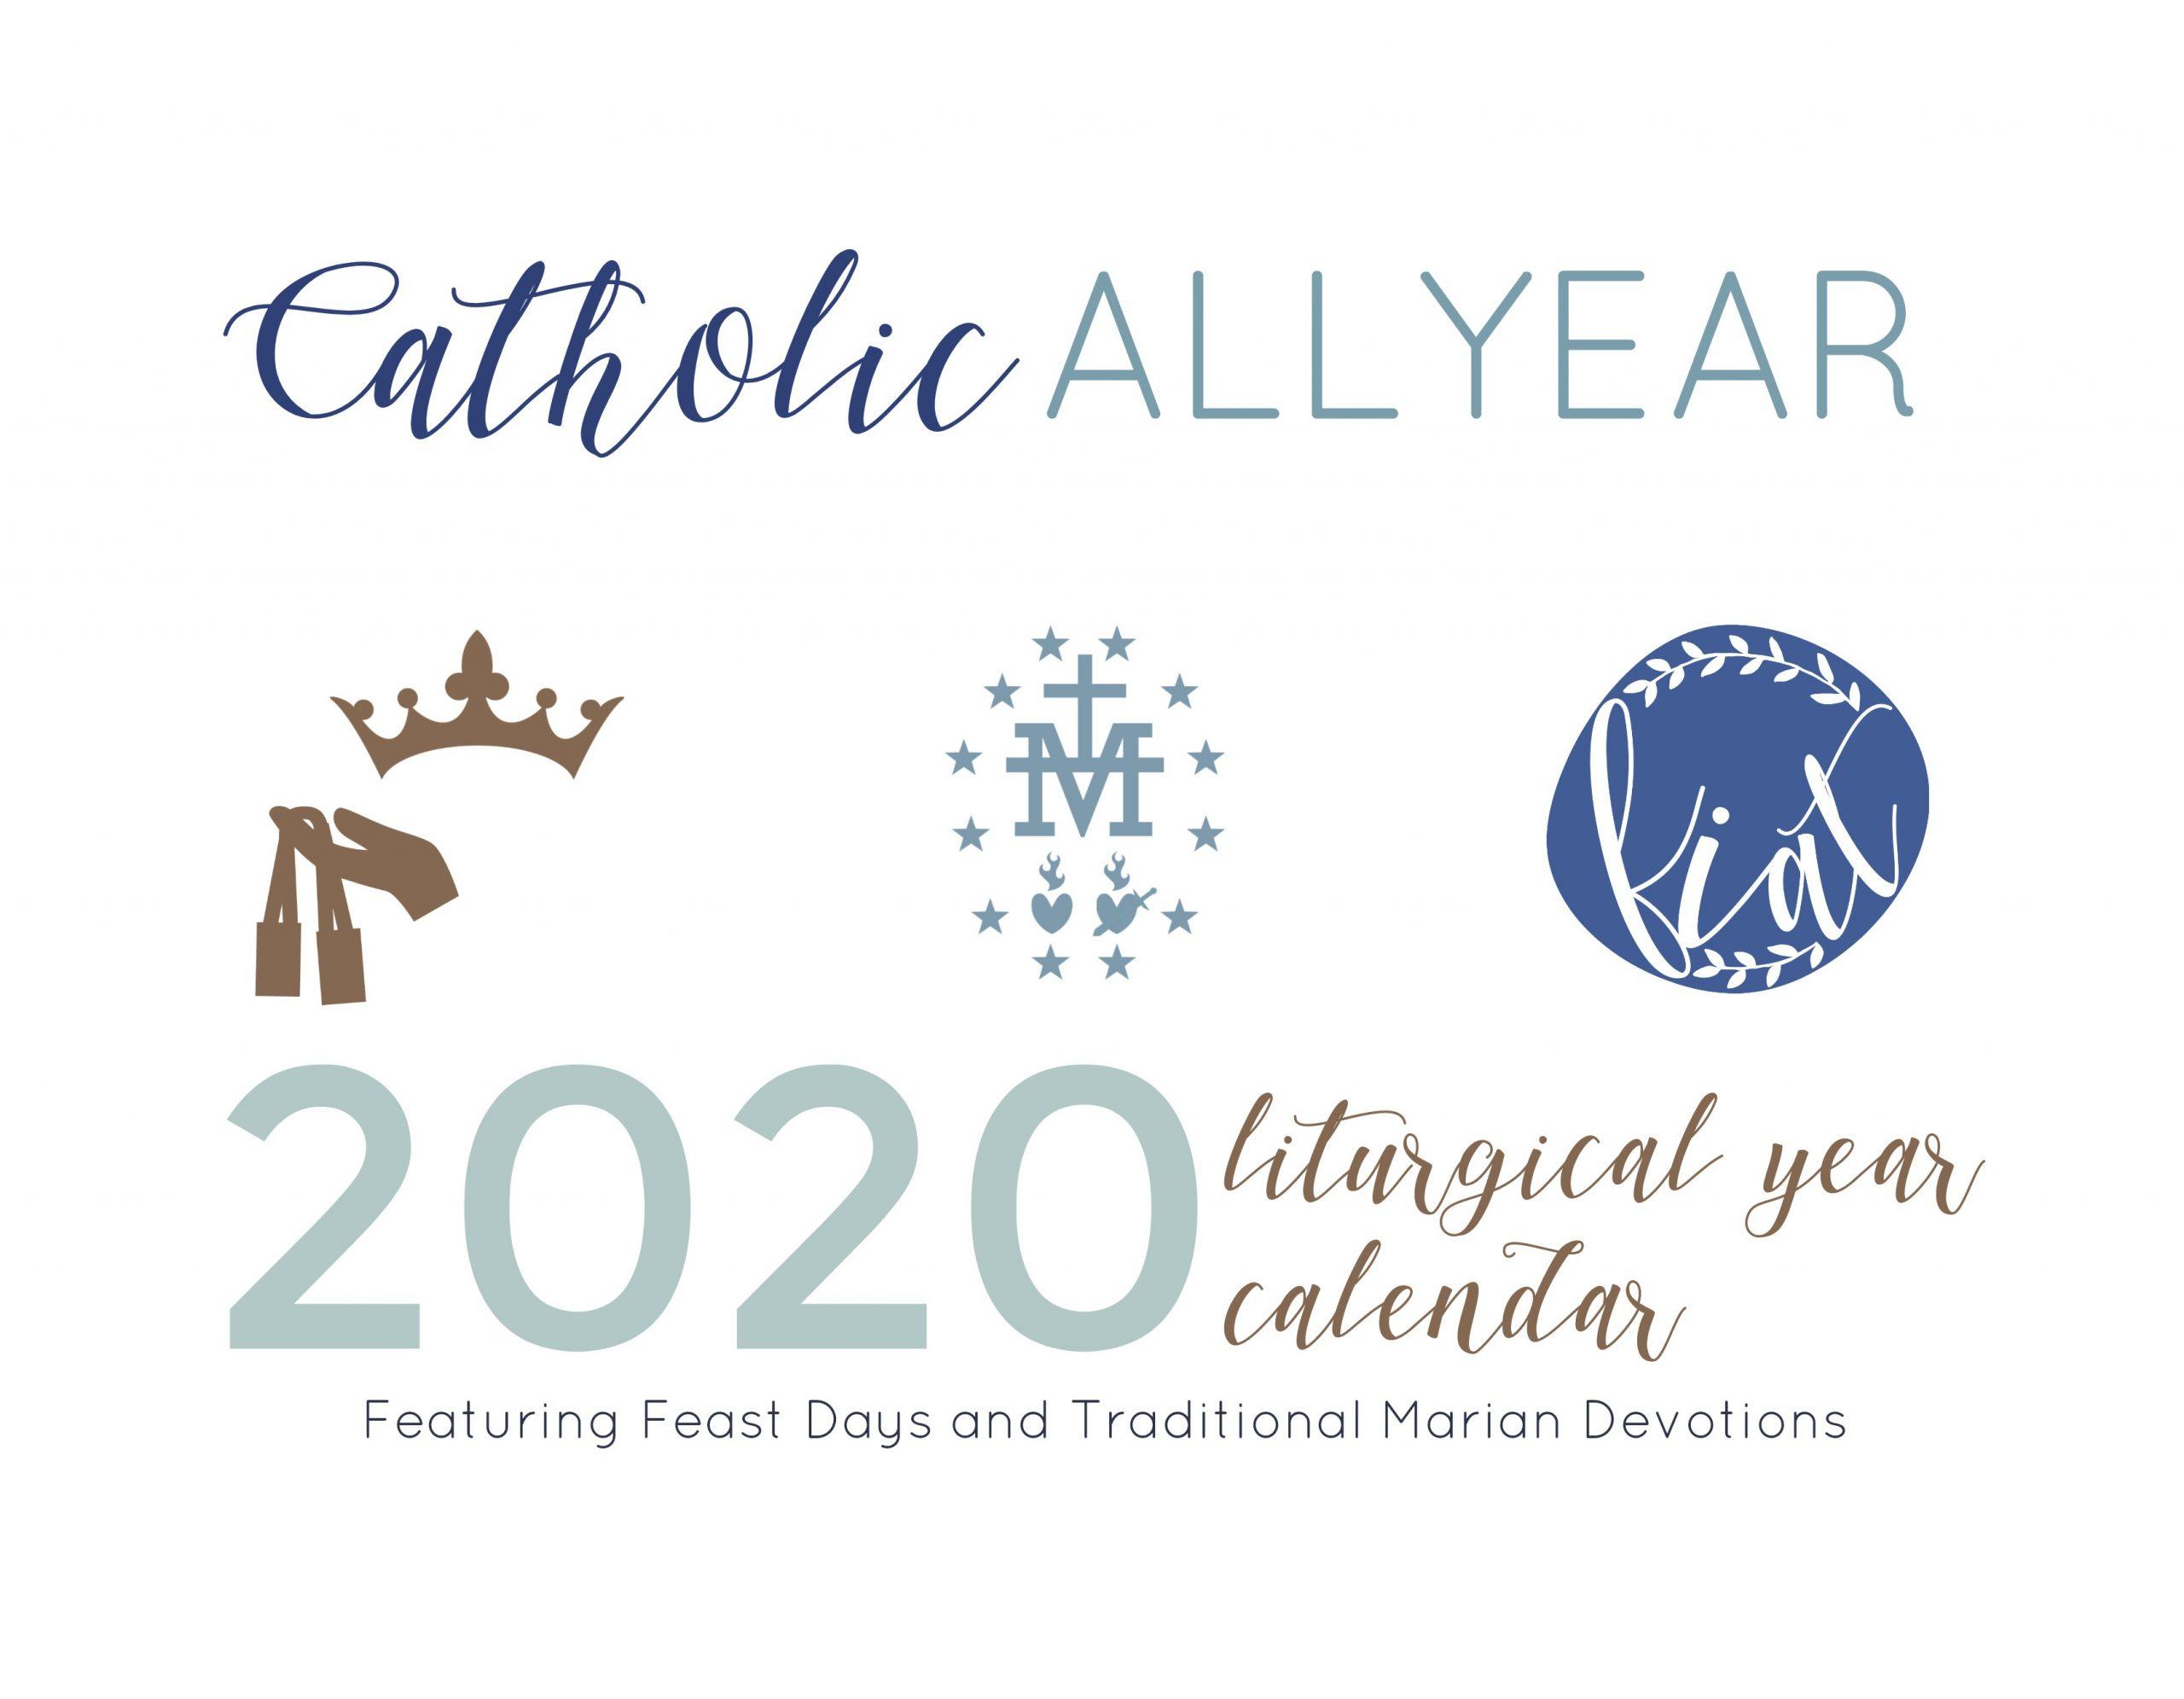 Catholic All Year 2020 Marian Liturgical Year Calendar *digital Download*